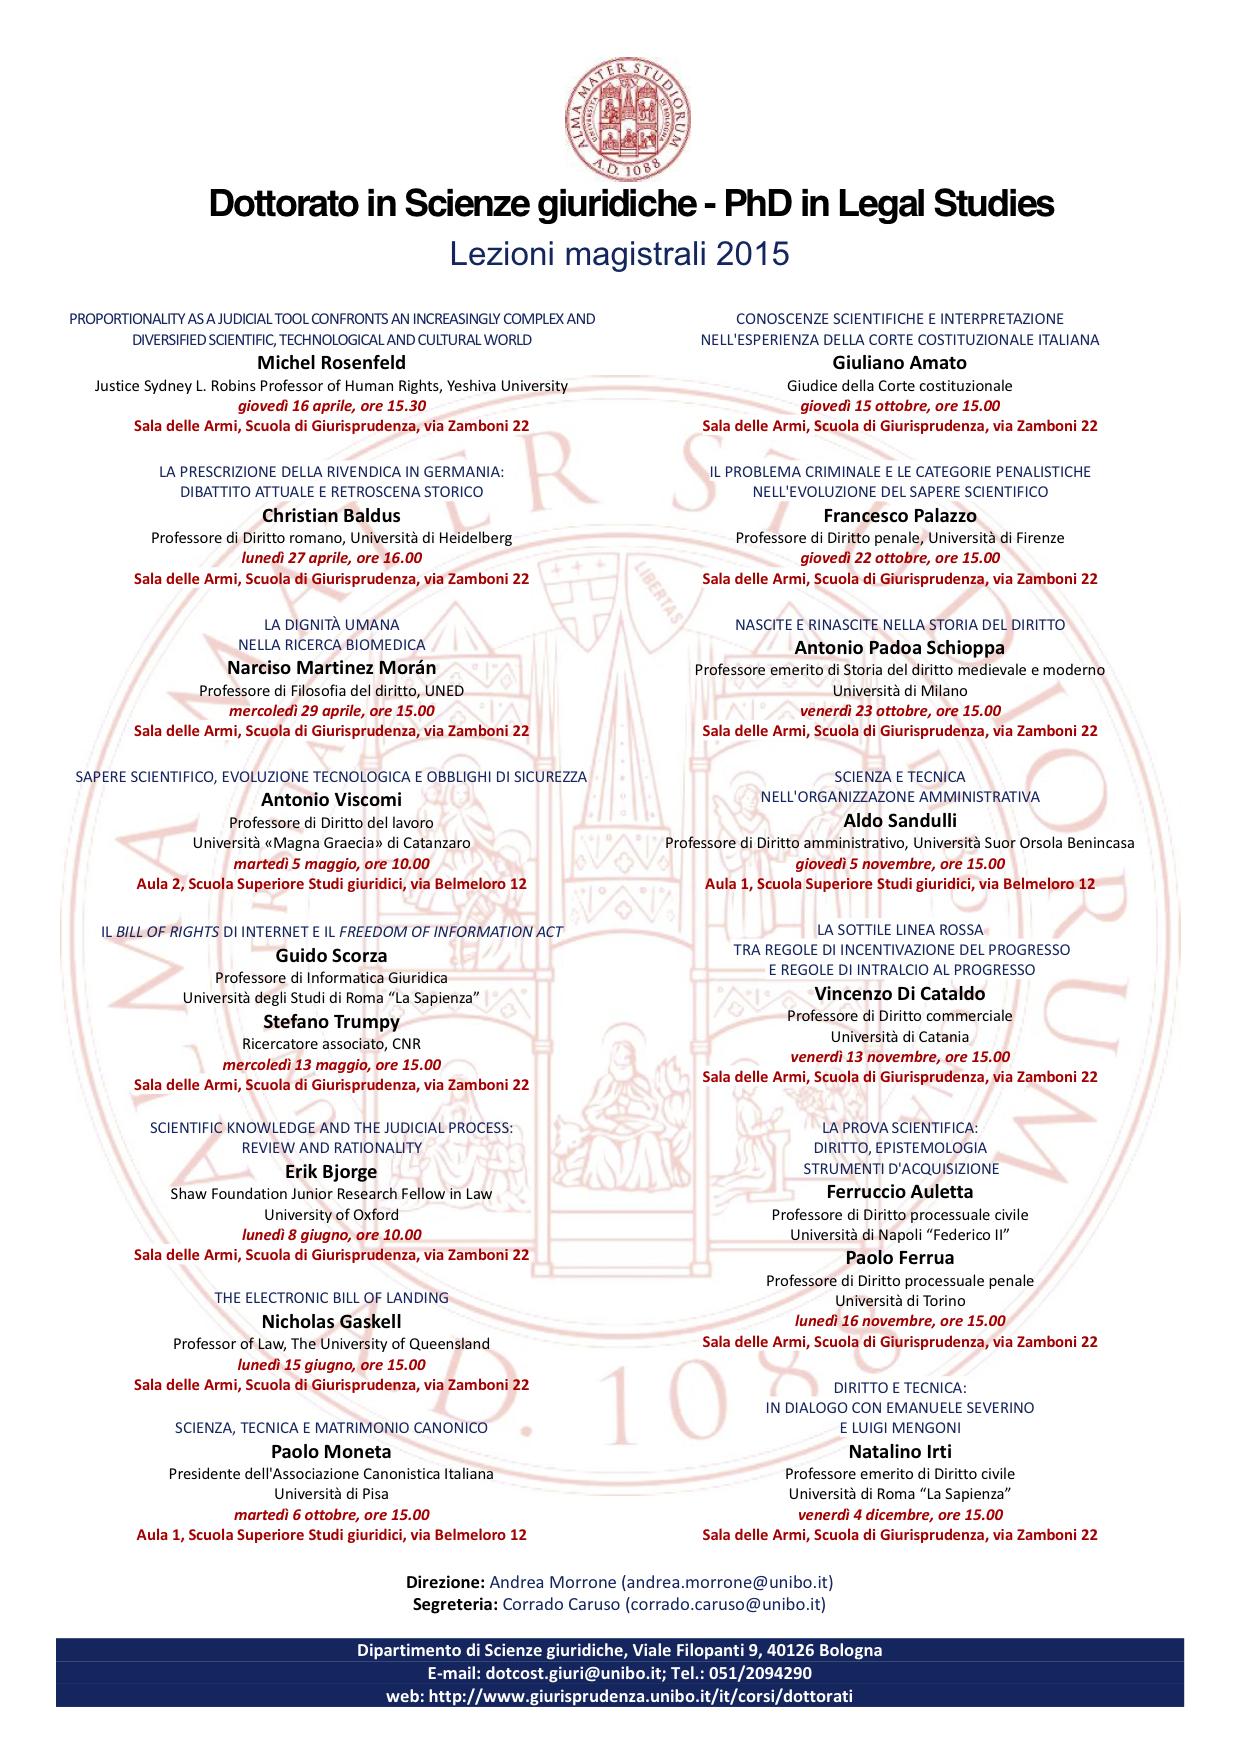 lezioni 2015-DottScienzeGiuridiche